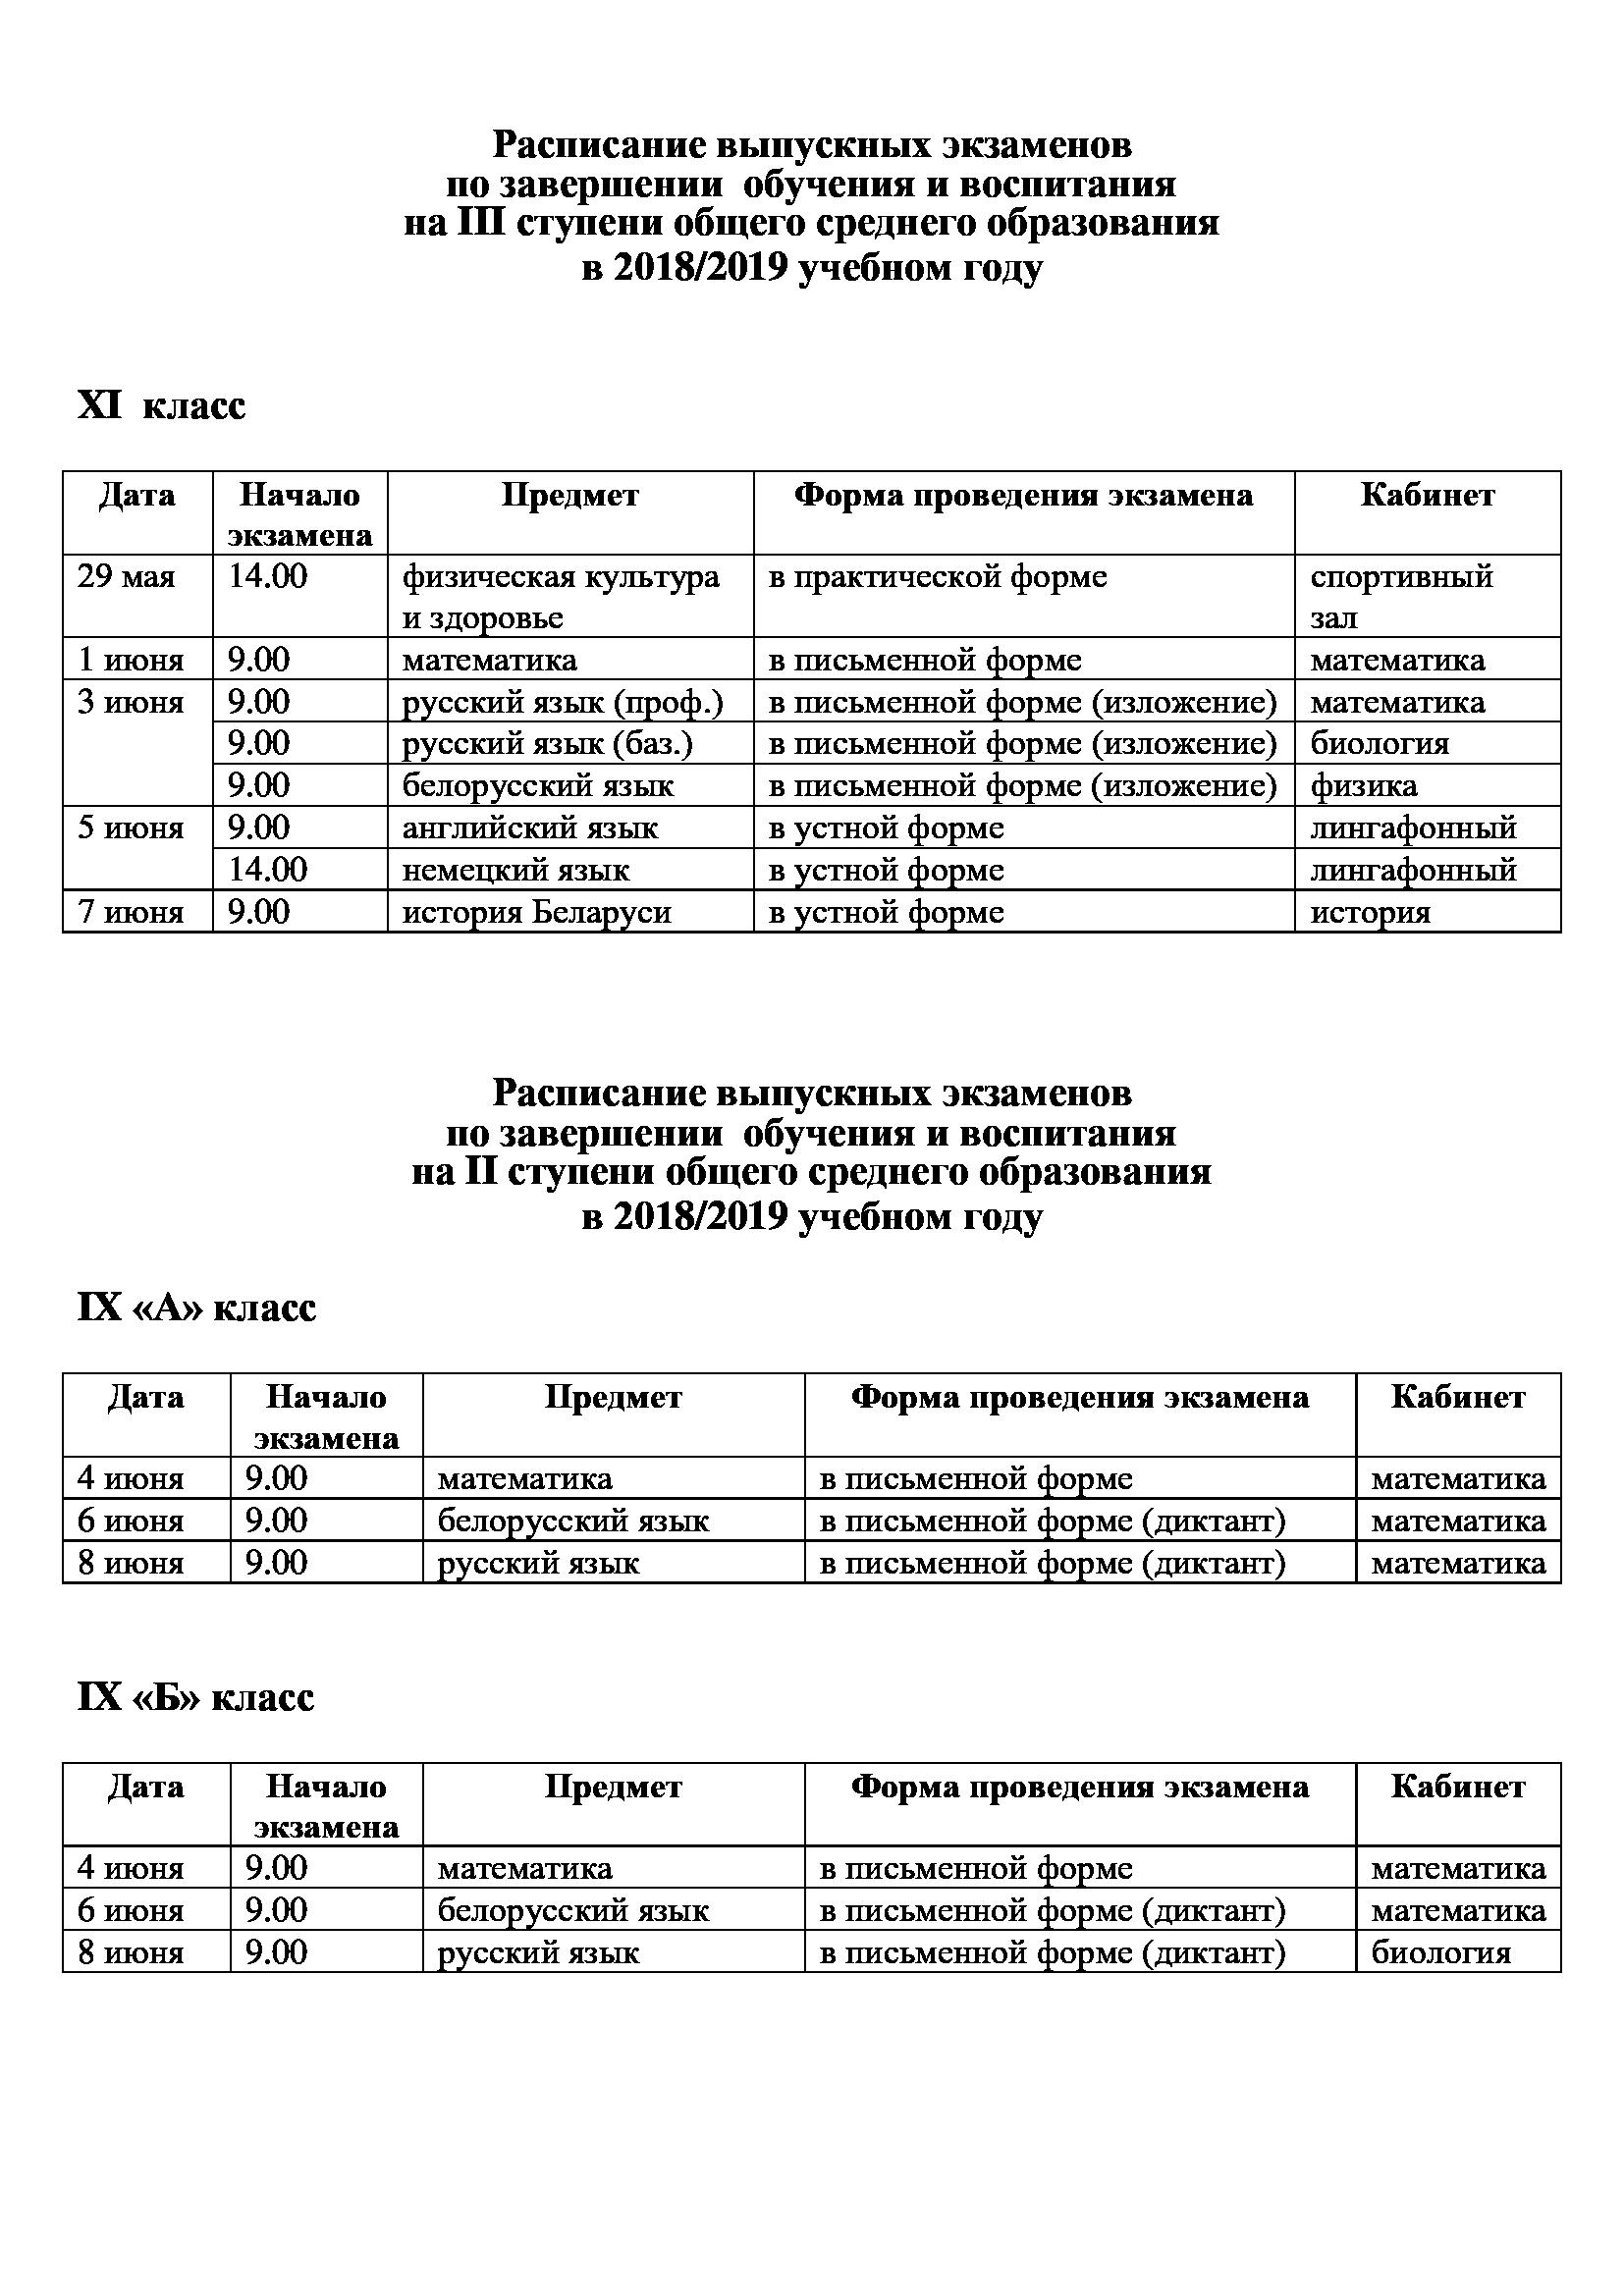 диктанты по русскому языку 9 класс экзамен 2015 беларусь